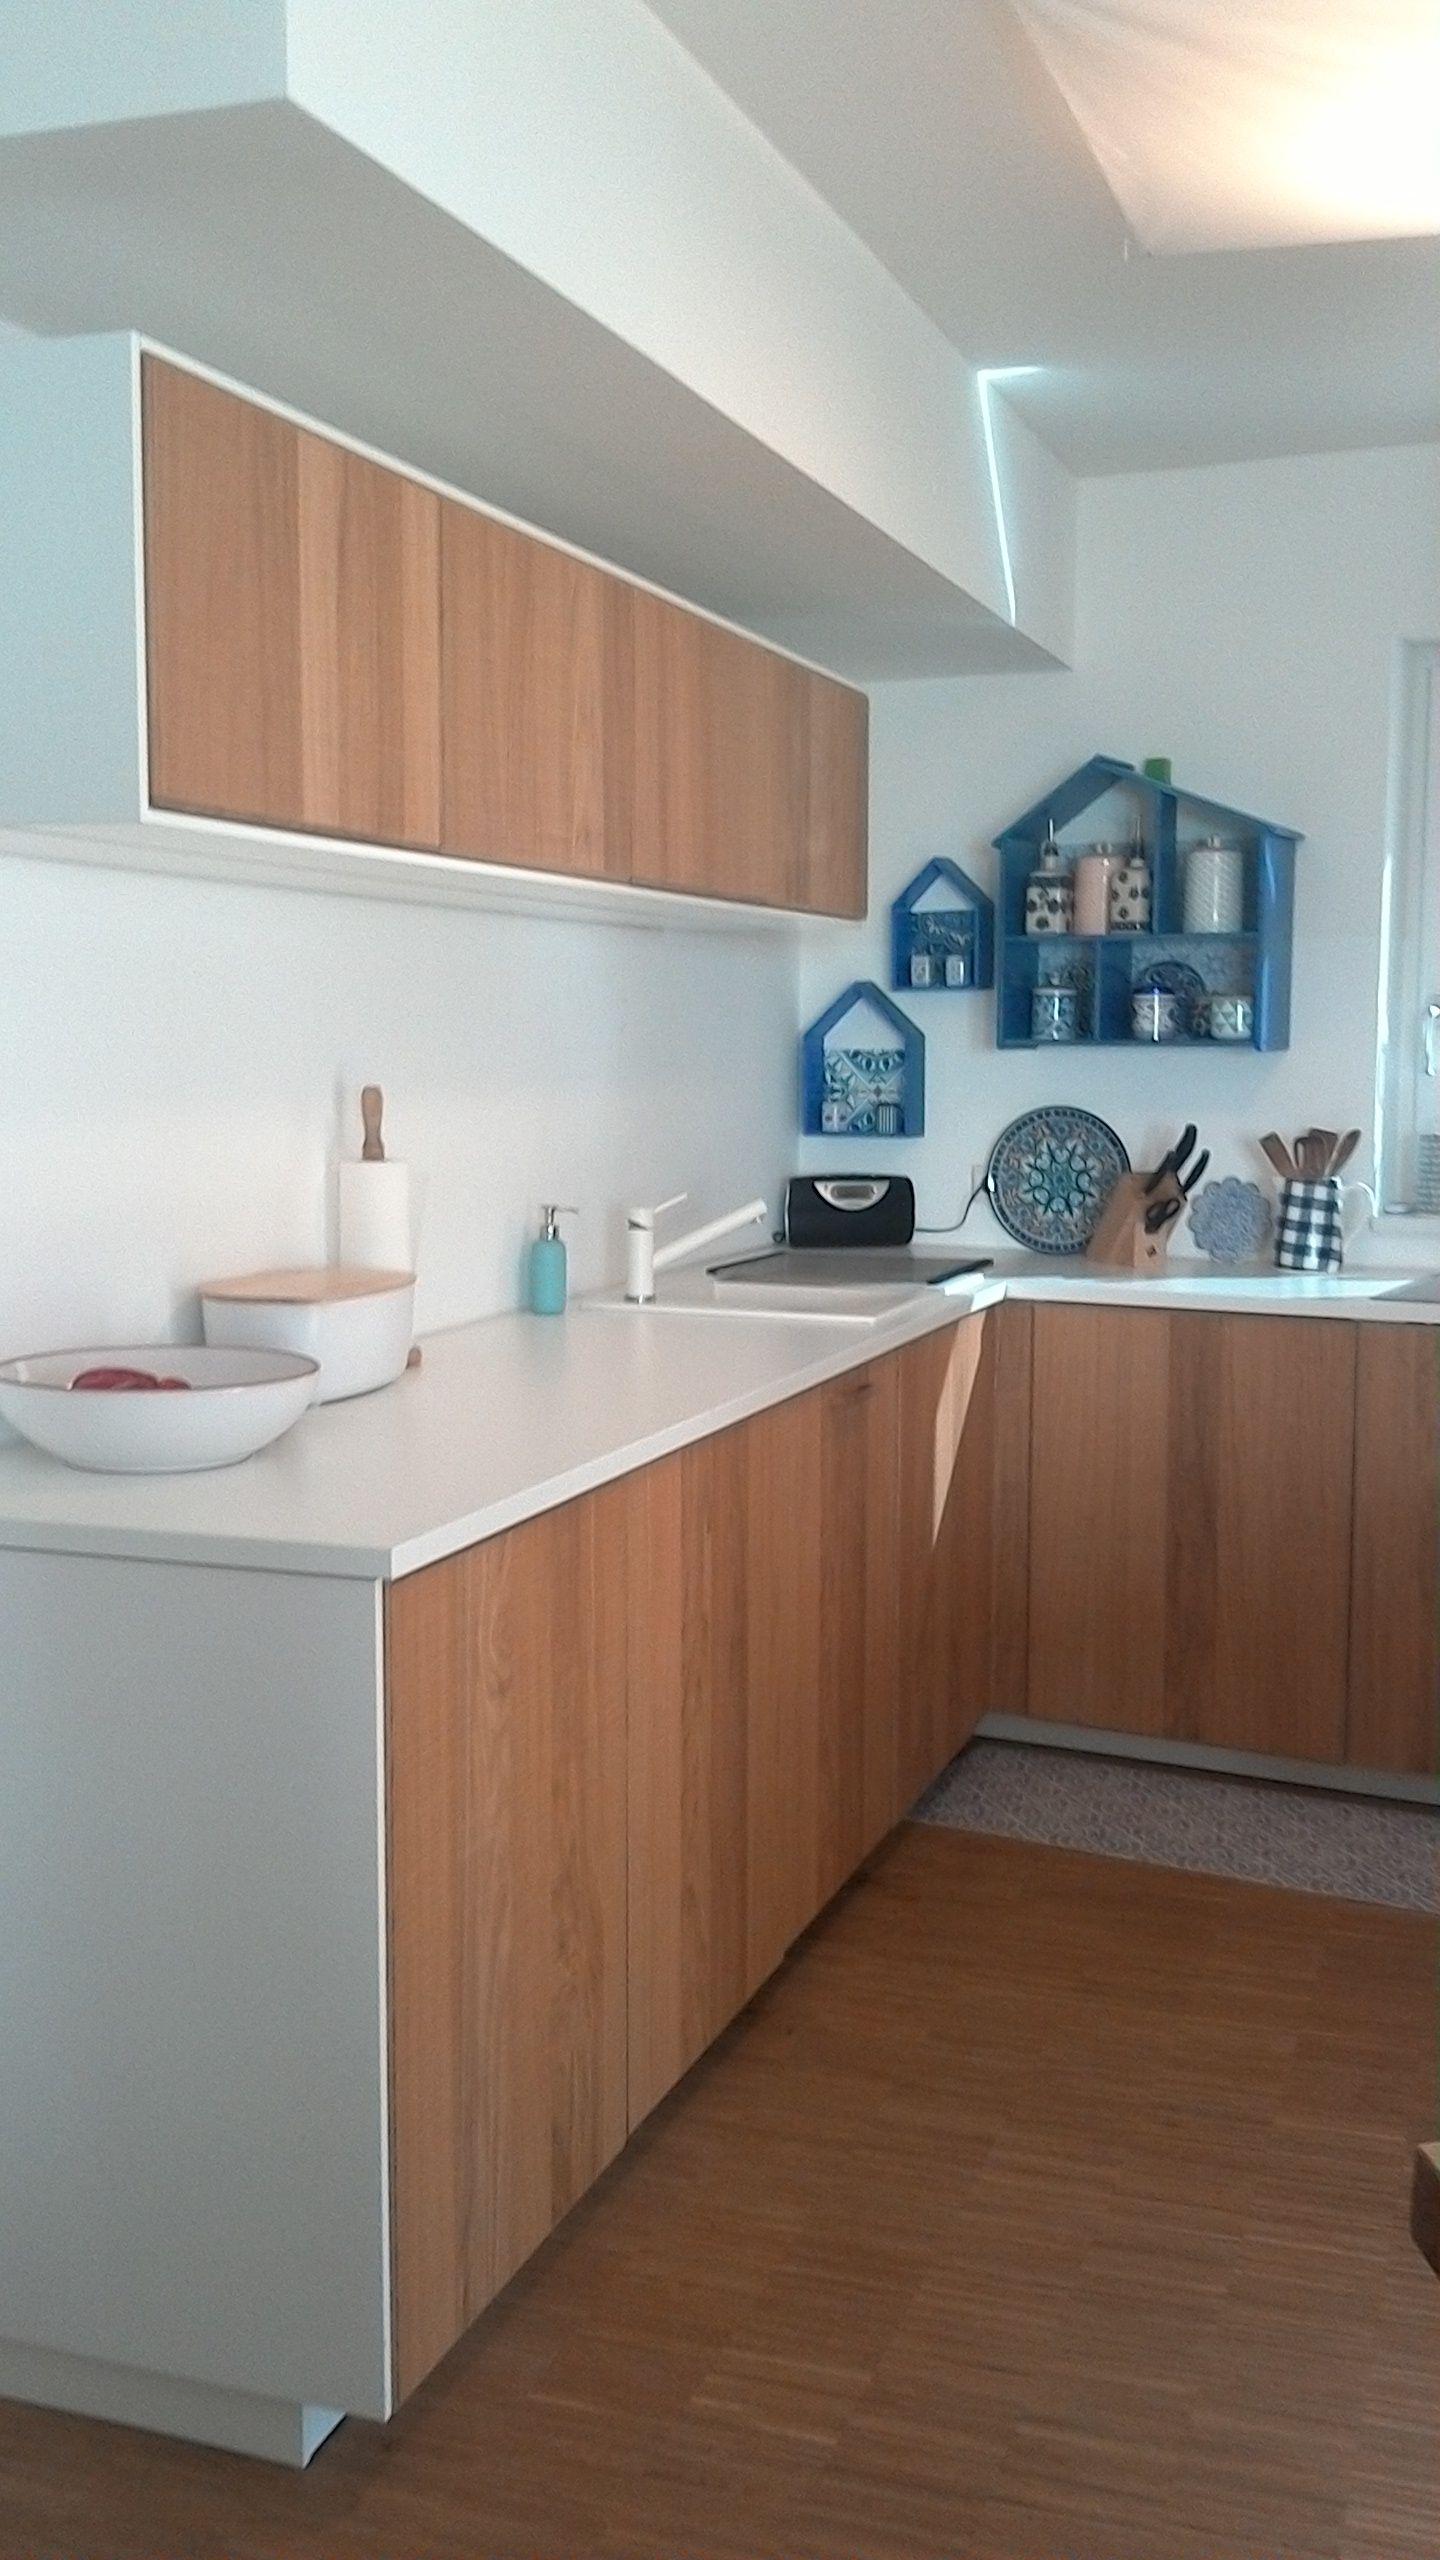 Meine Kuche Ikea Method Hyttan Mit Weisser Keramikspule Villeroy